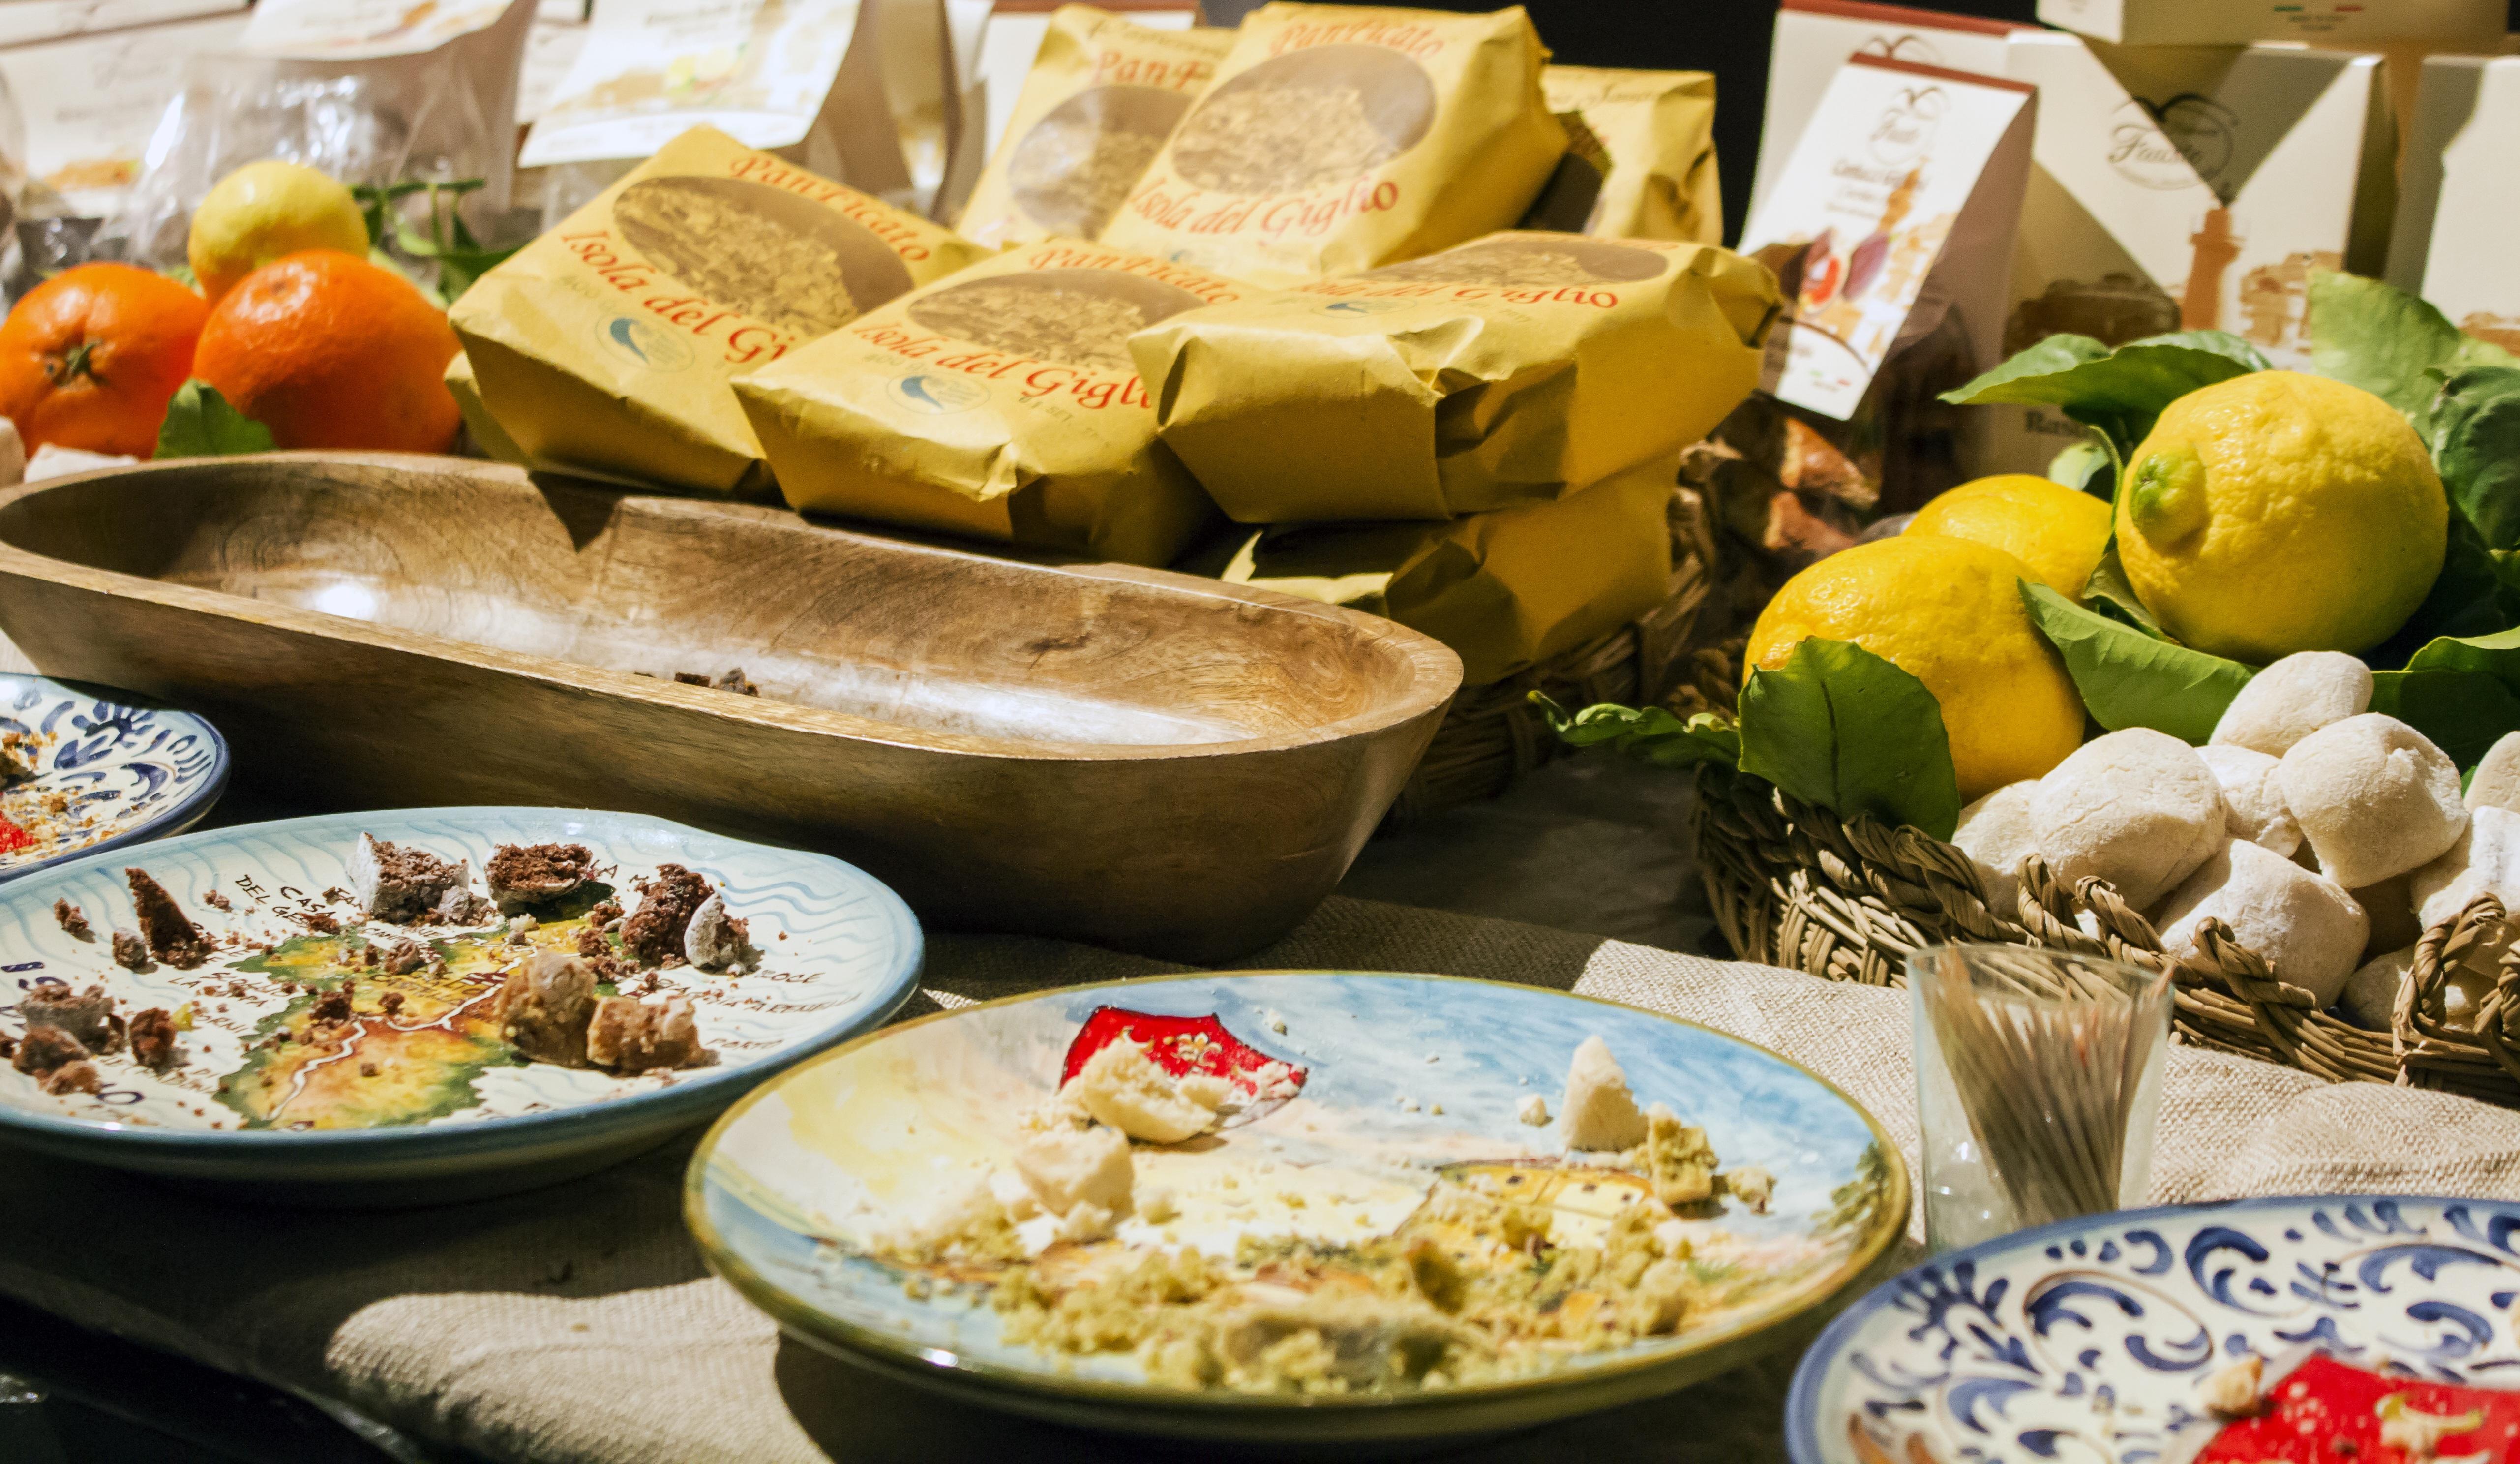 kostenlose foto mahlzeit lebensmittel produzieren italien rezept fr hst ck essen. Black Bedroom Furniture Sets. Home Design Ideas